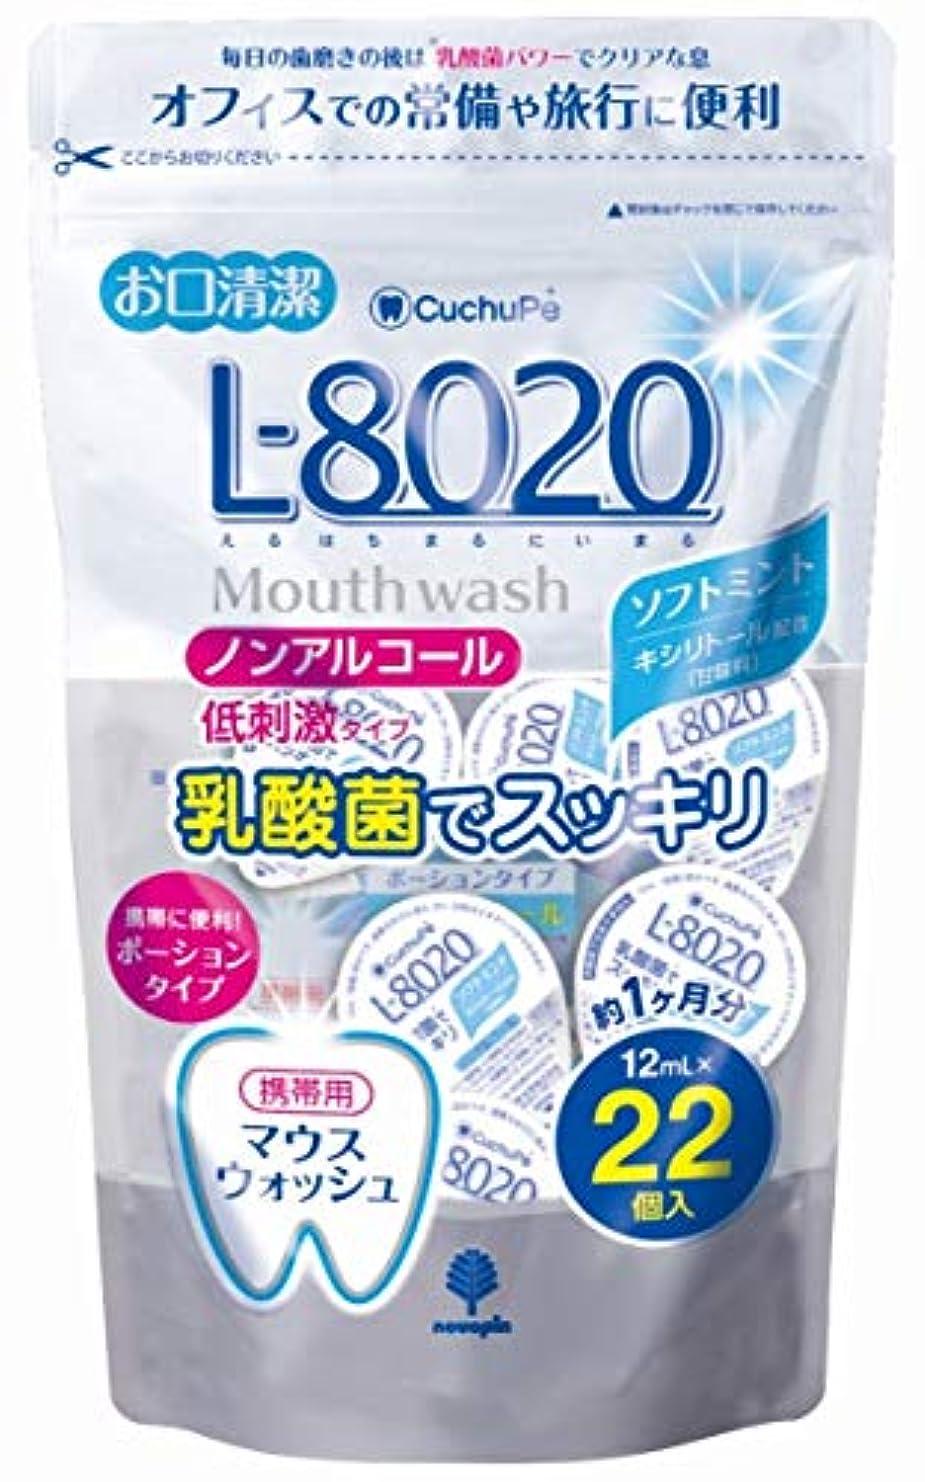 効率義務付けられた微弱日本製 made in japan クチュッペL-8020 ソフトミント ポーションタイプ22個入(ノンアルコール) K-7096【まとめ買い6個セット】